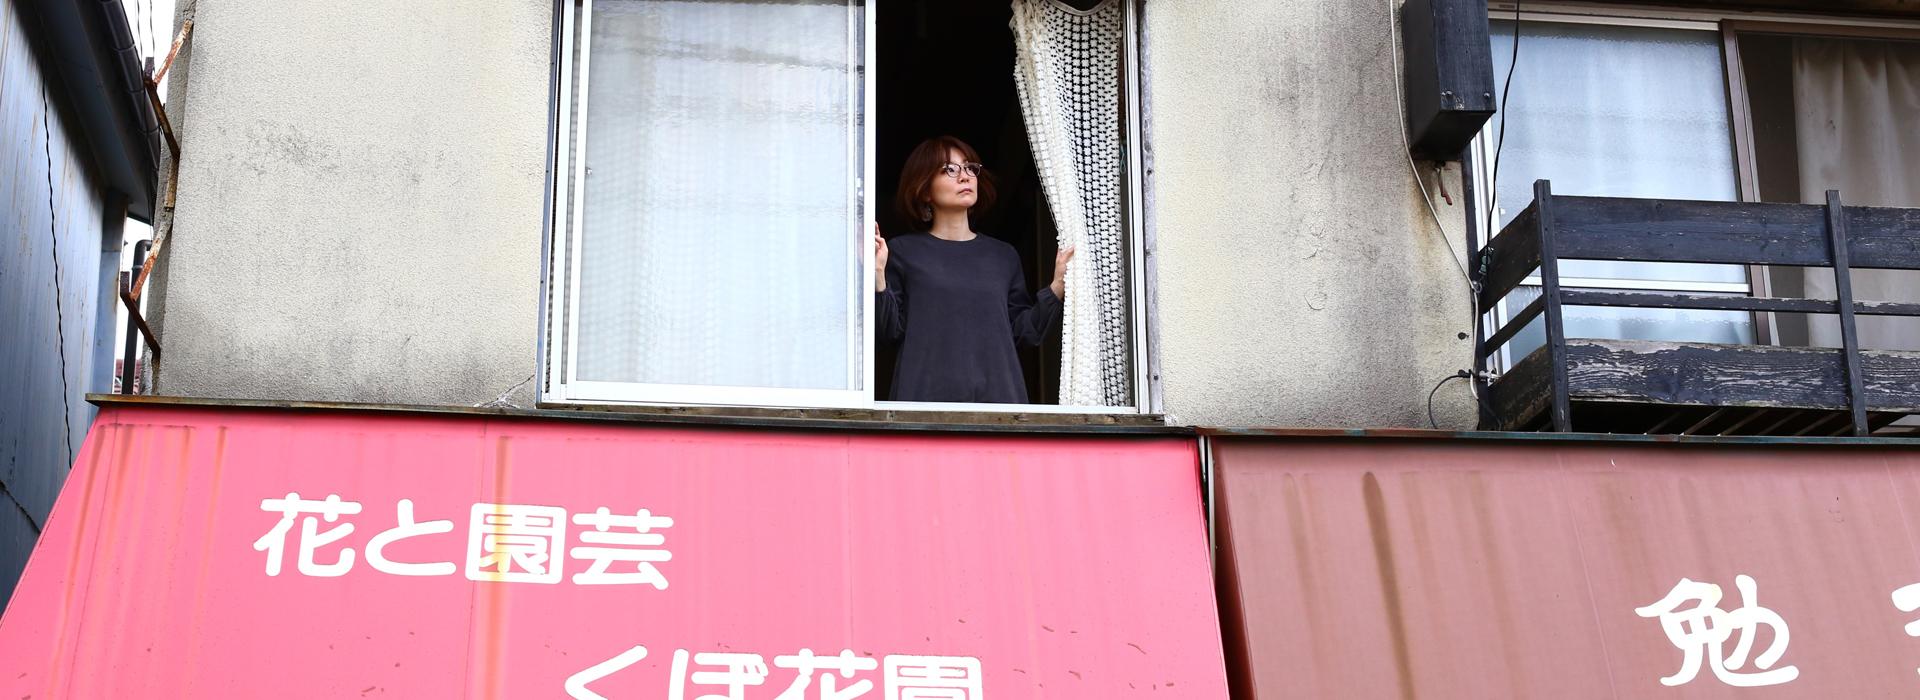 たみそら/絵師・土井真希子のアトリエ